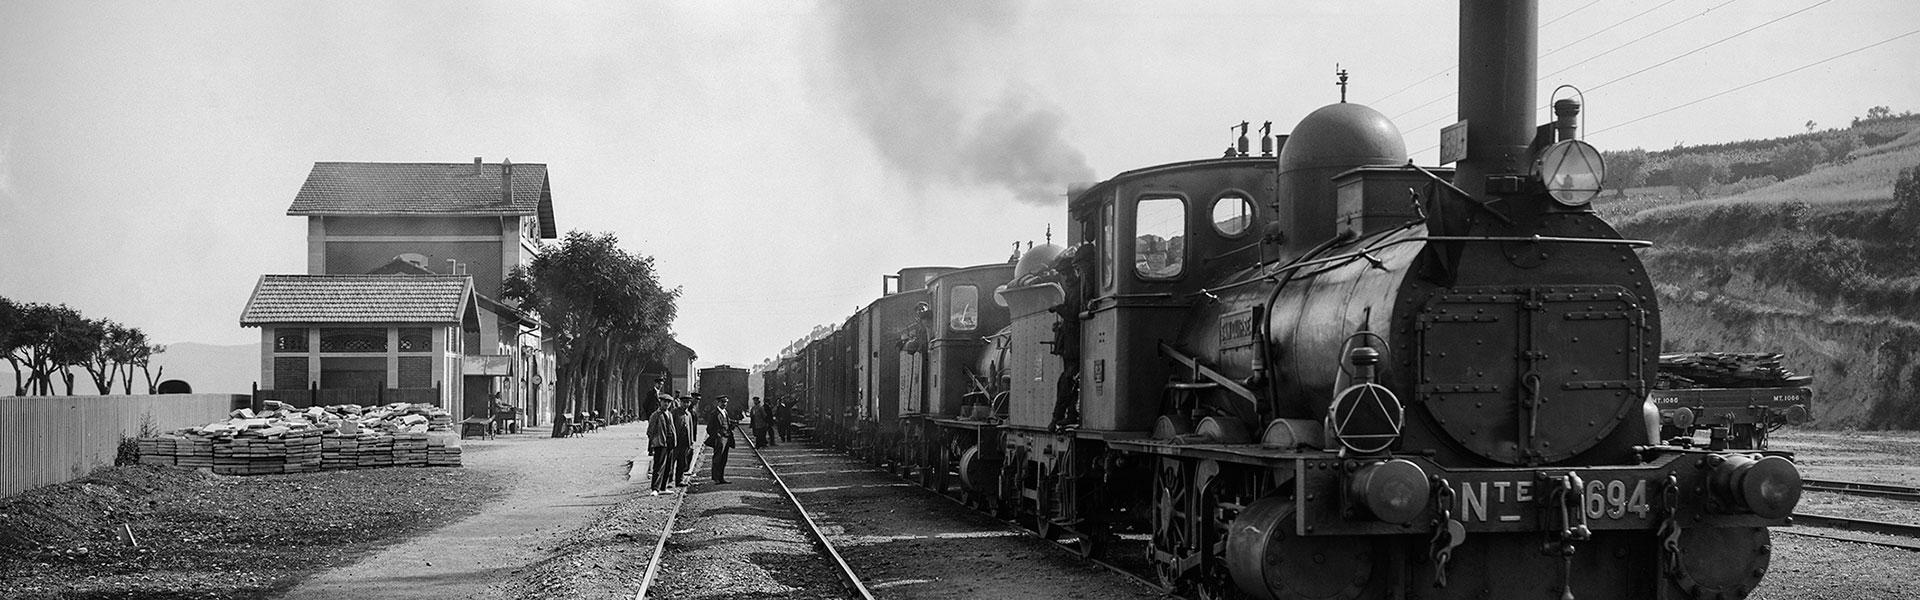 Locomotora ténder Norte 1694 amb tren de mercaderies de doble tracció. Granollers, anys